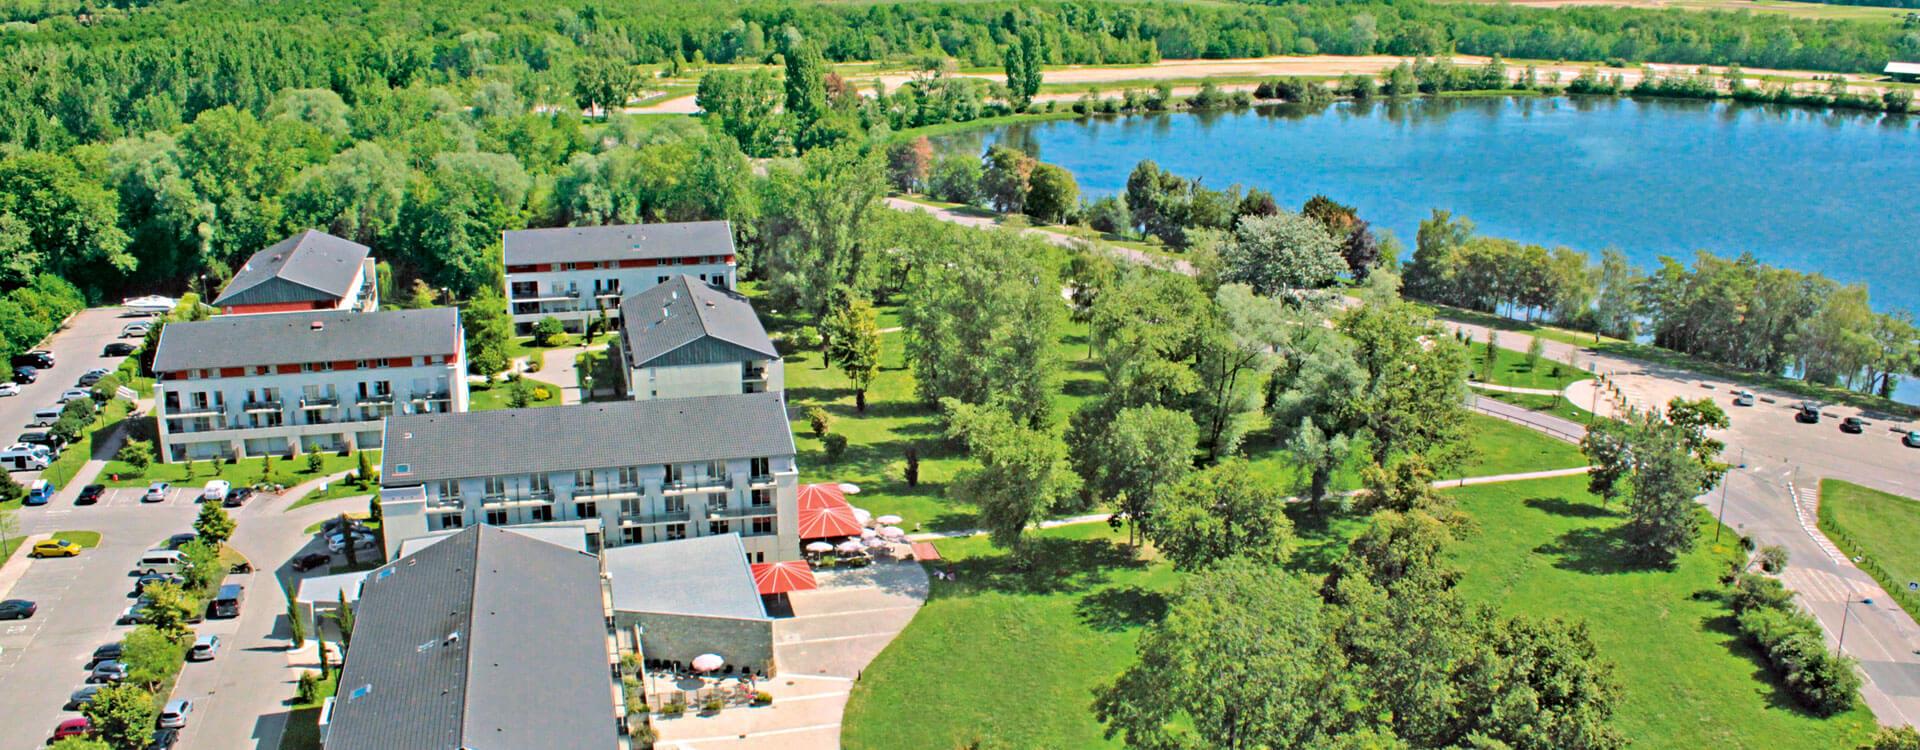 Hôtel et résidence La Villa du Lac à Divonne